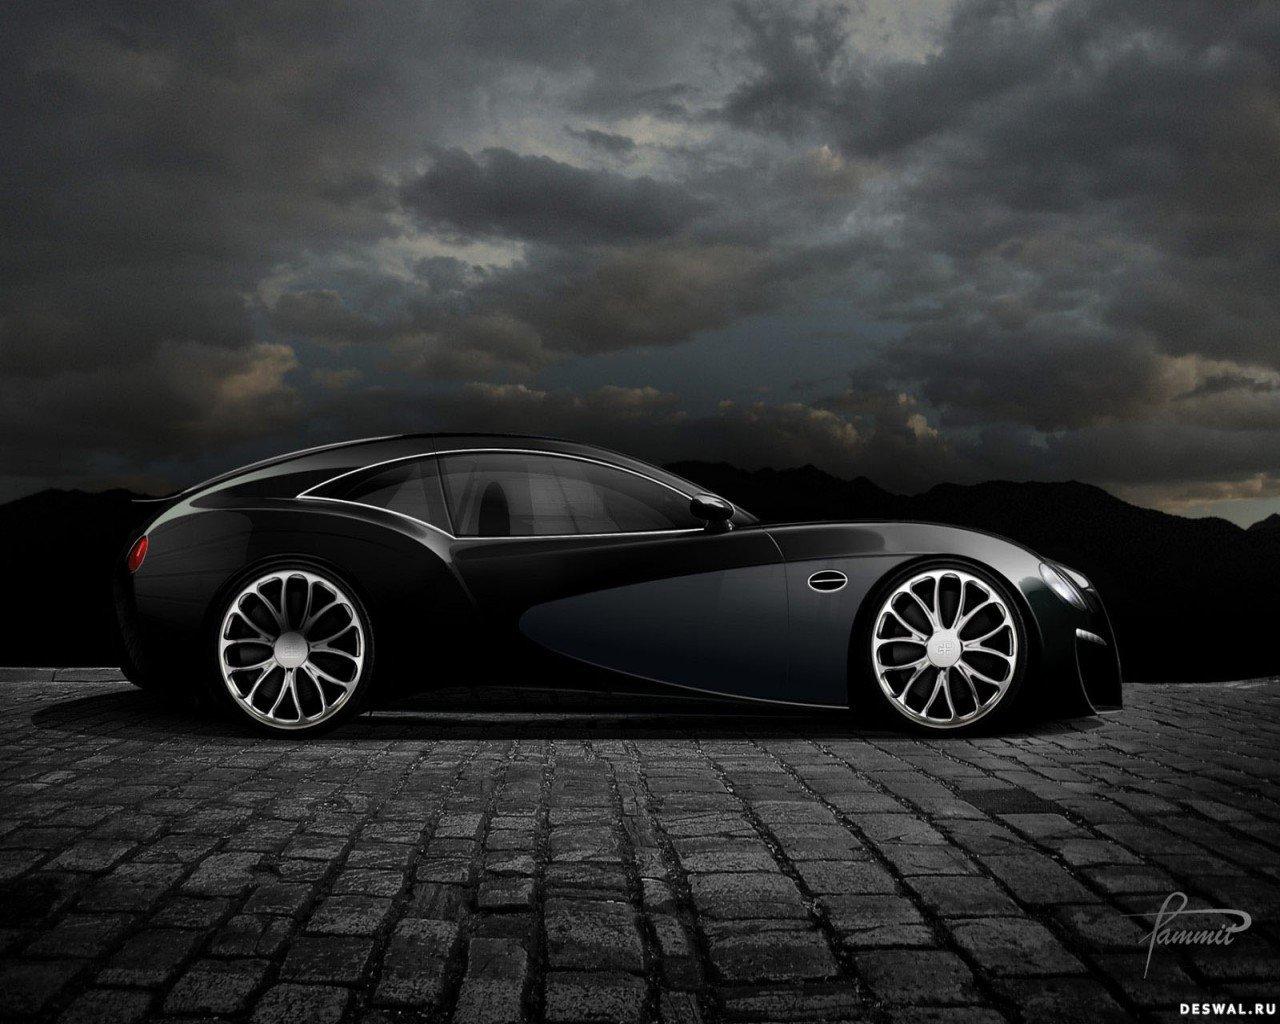 Машина Бугатти на классной фотографии, Нажмите на картинку с обоями автомобиля bugatti, чтобы просмотреть ее в реальном размере